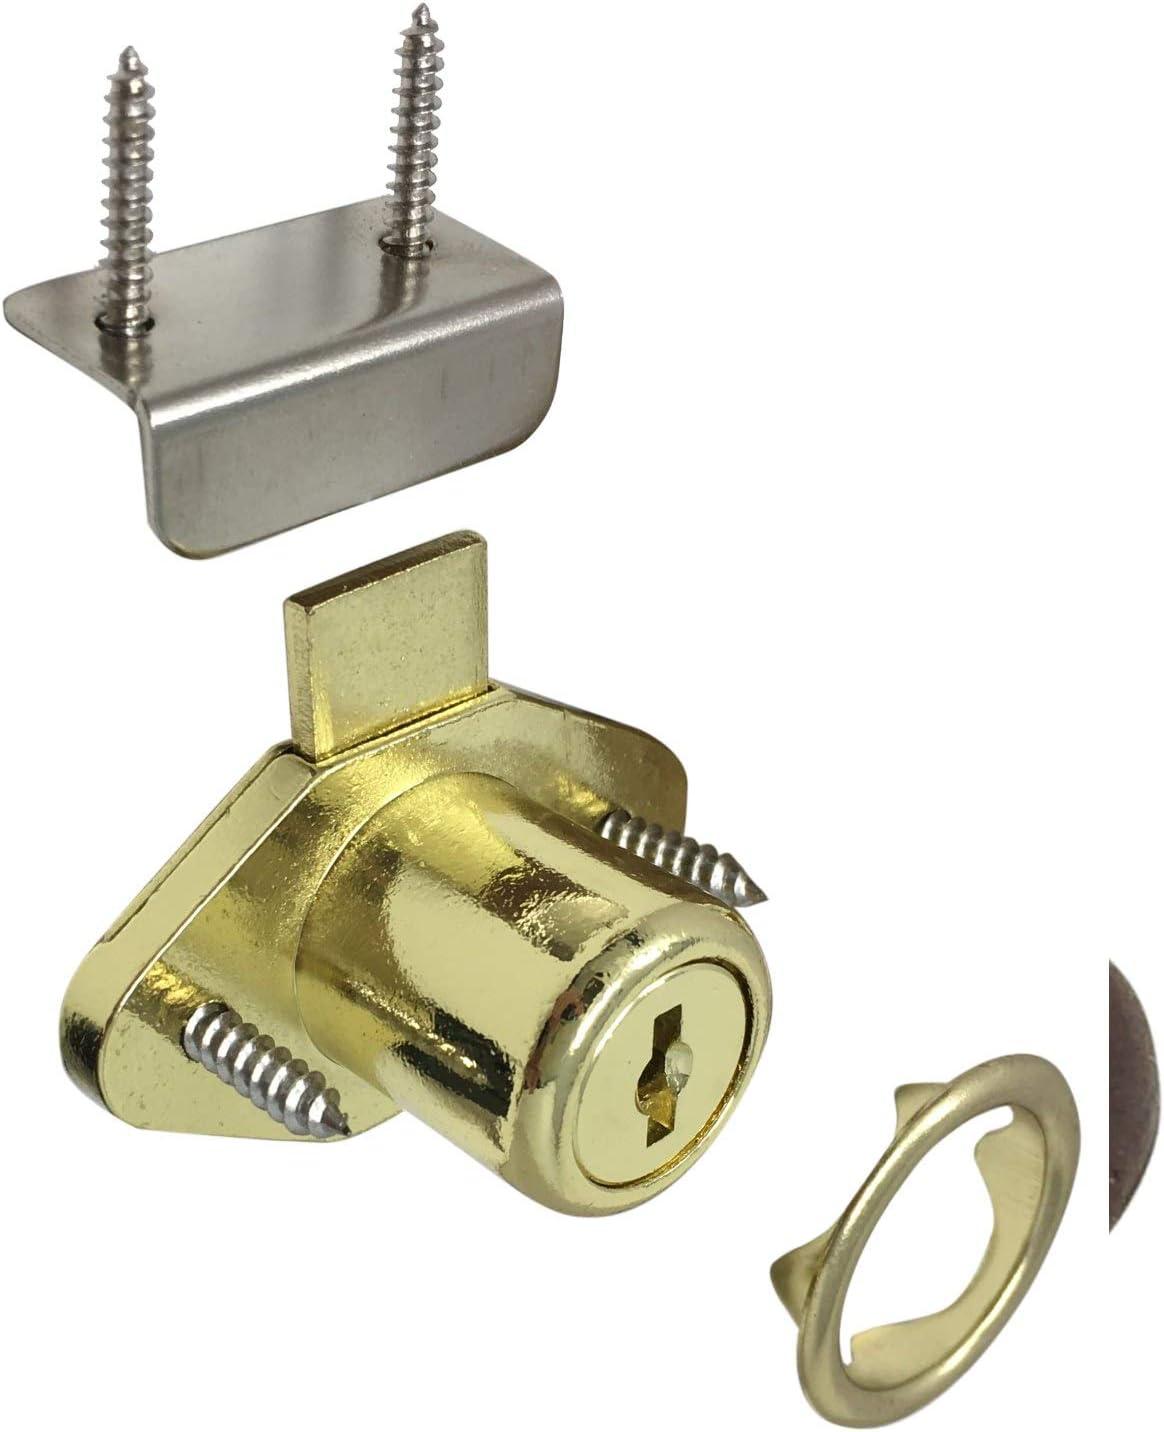 Desunia Office Desk Lock for Drawer & Door - 7/8